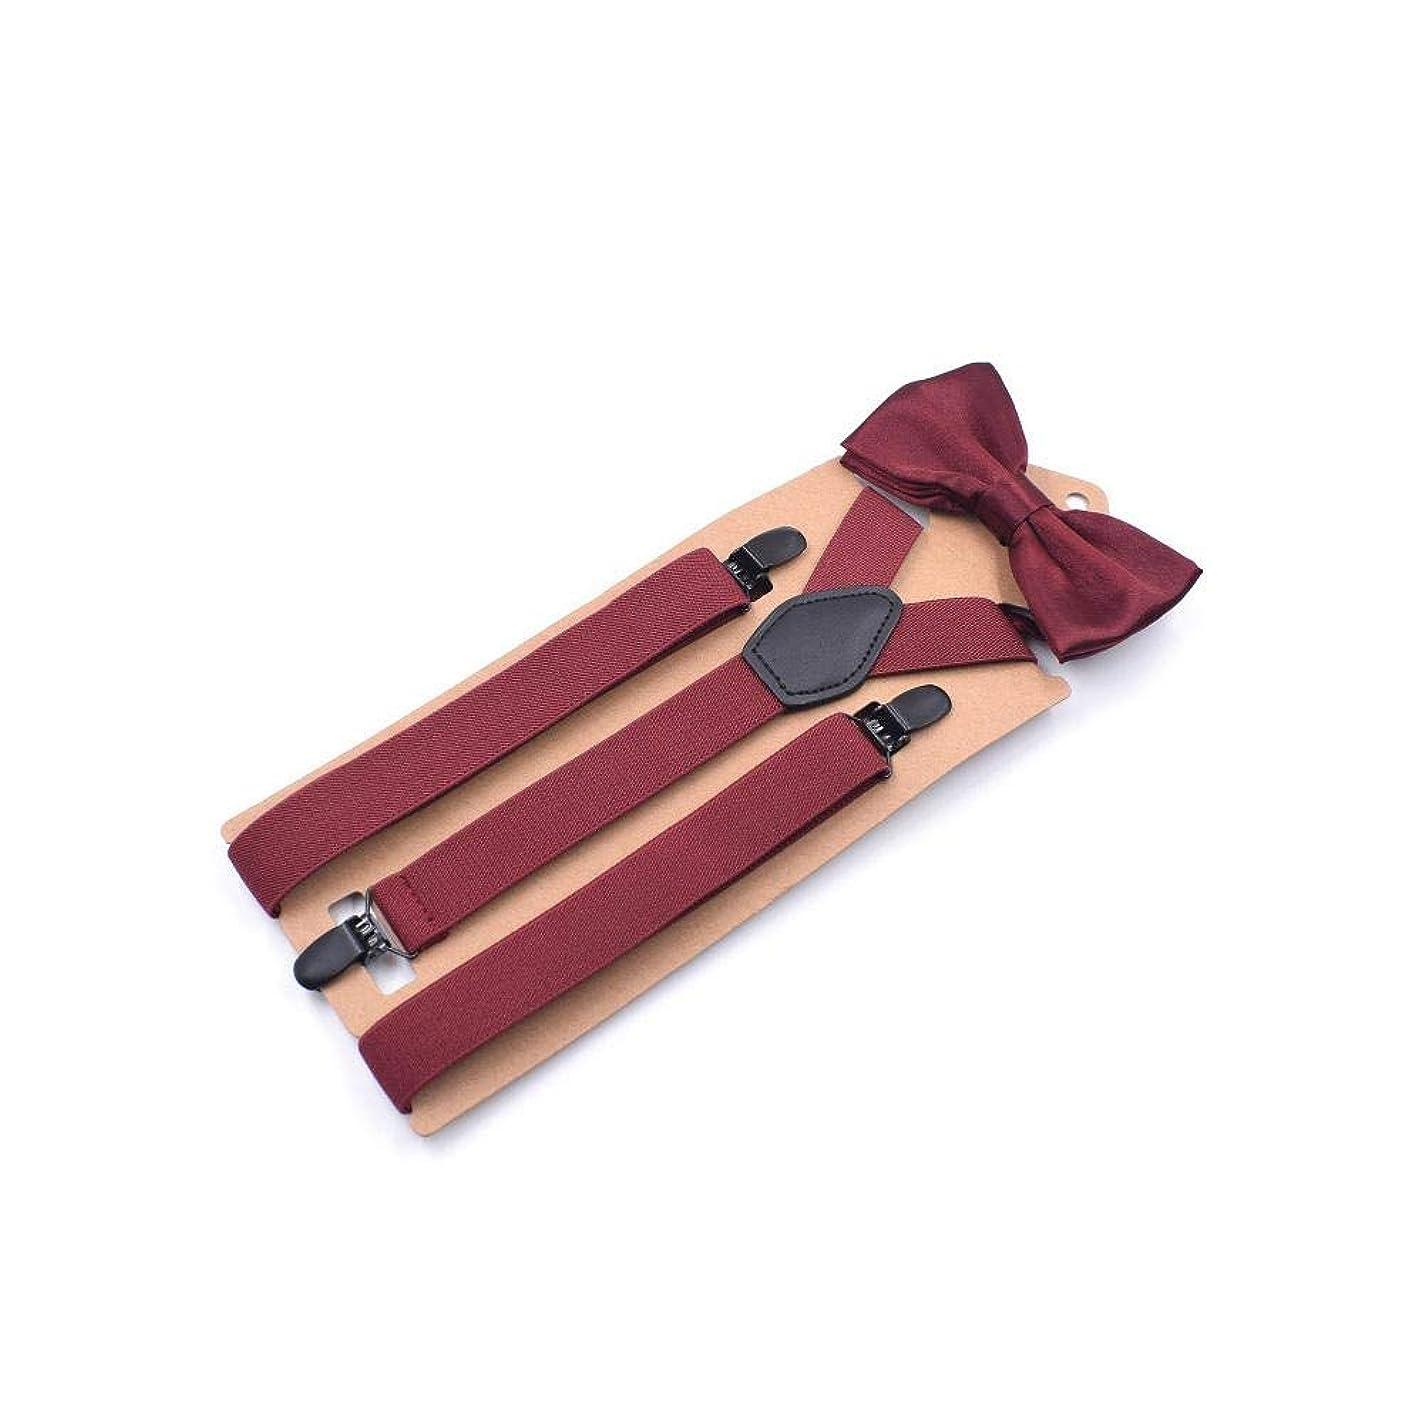 トースト小屋皮肉Y字型 大人3クリップY字型サスペンダー蝶ネクタイセット調節可能なブレース弾性ストラップセット ポリエステル+弾性